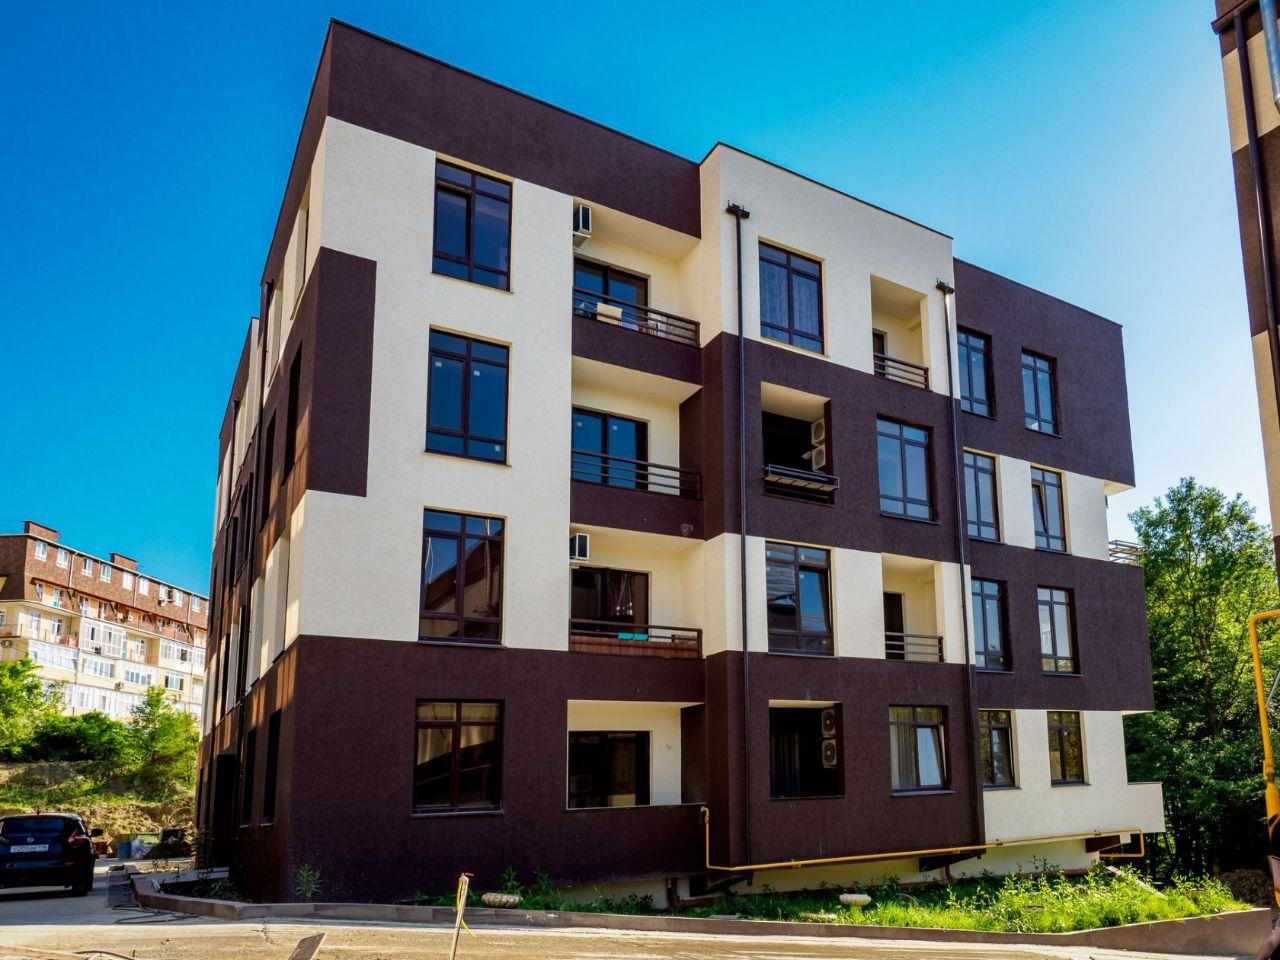 164 квартиру купить люксембург недвижимость в дубае вакансии